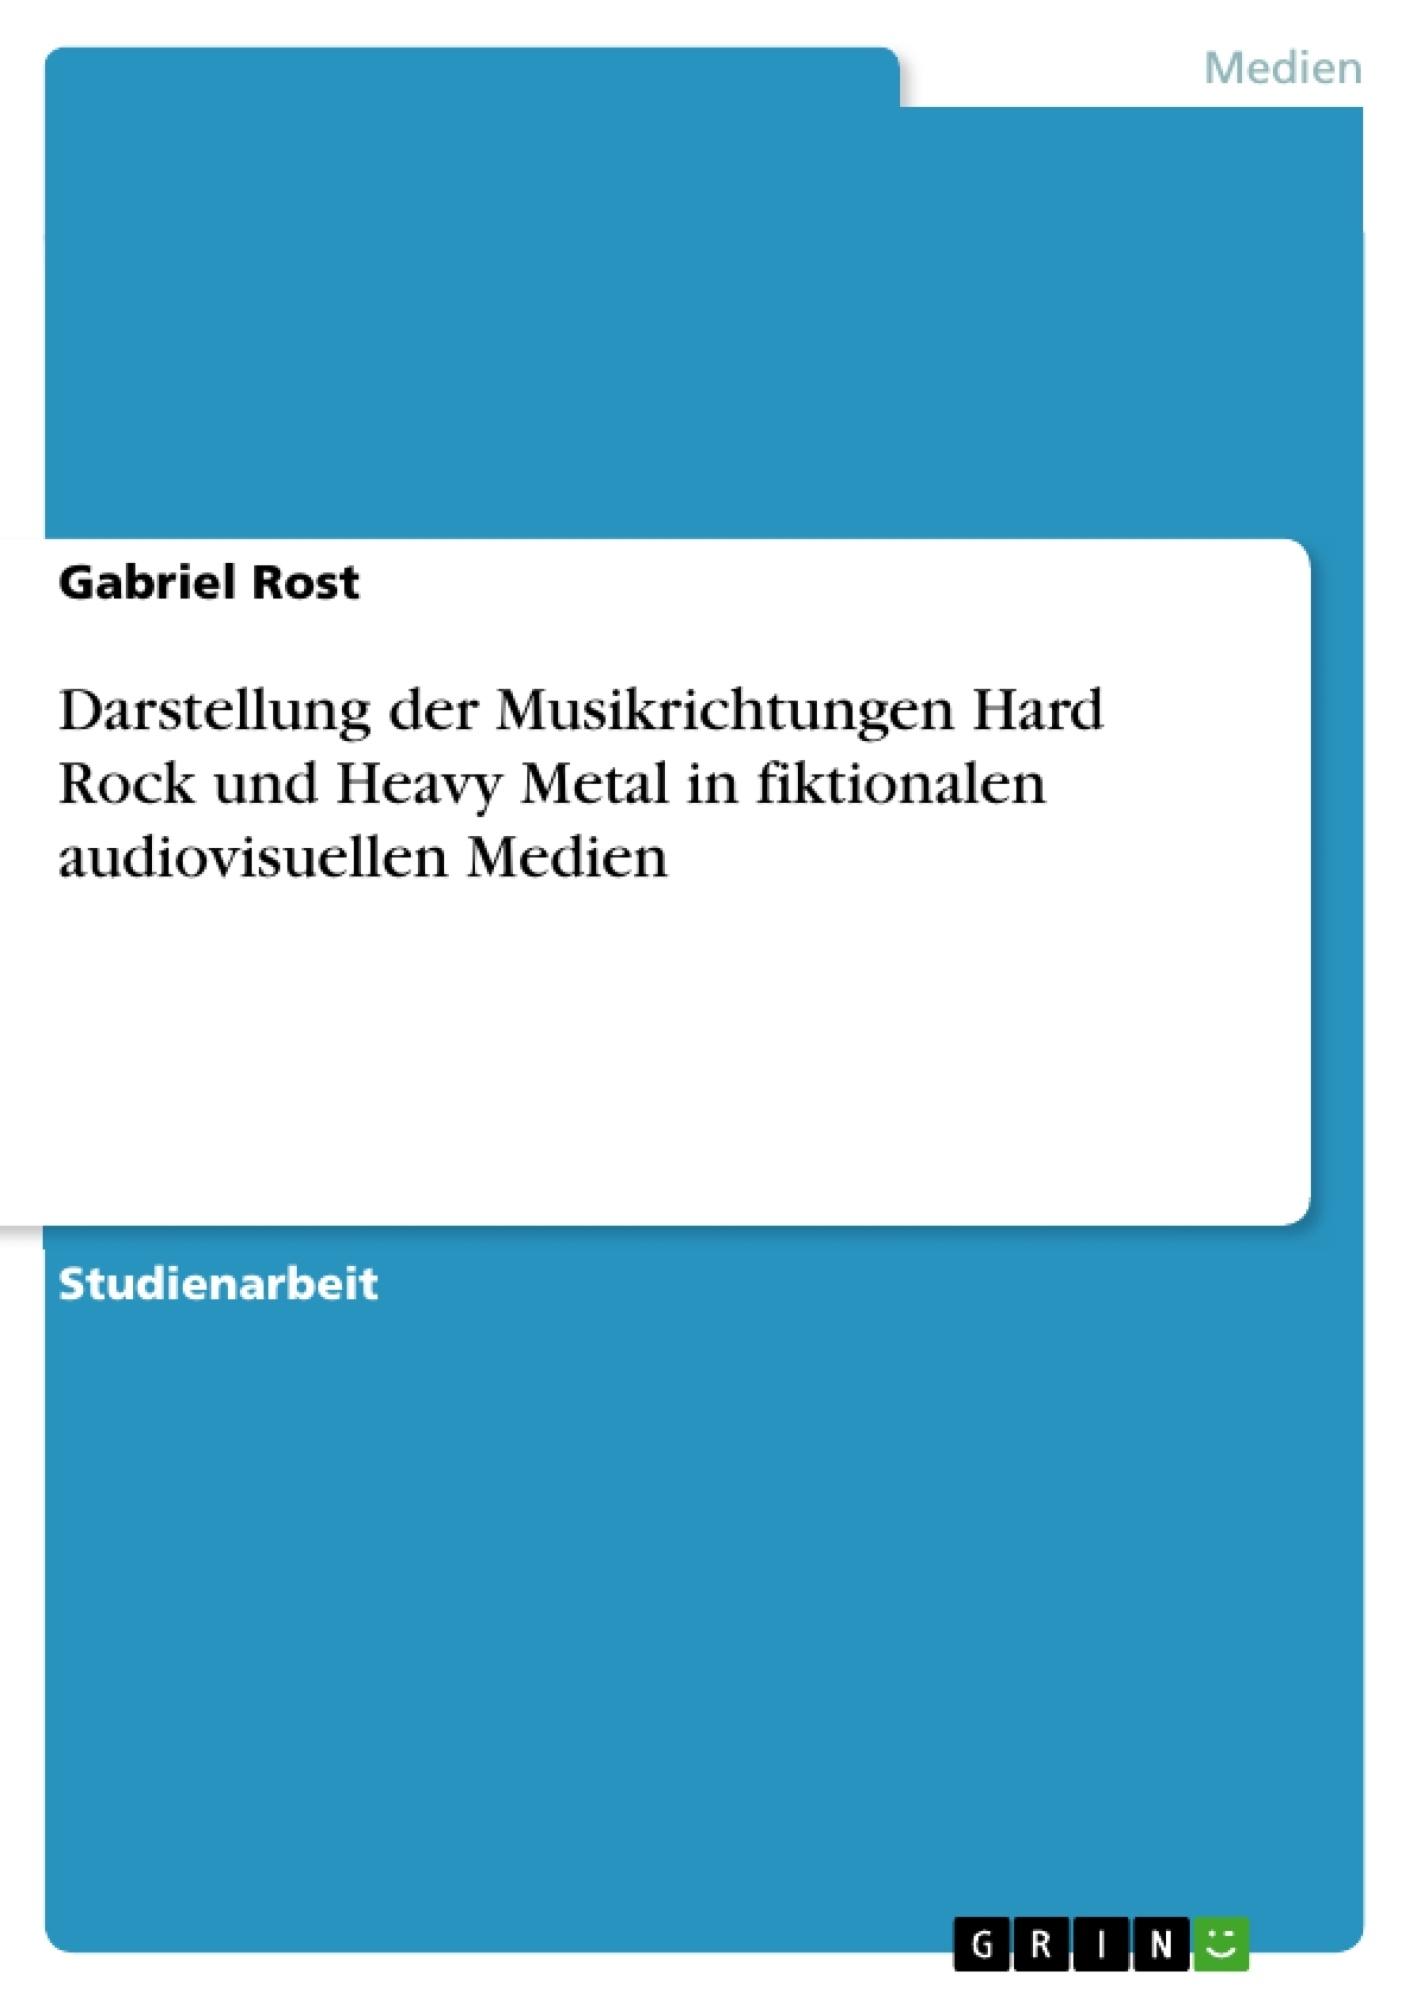 Titel: Darstellung der Musikrichtungen Hard Rock und Heavy Metal in fiktionalen audiovisuellen Medien